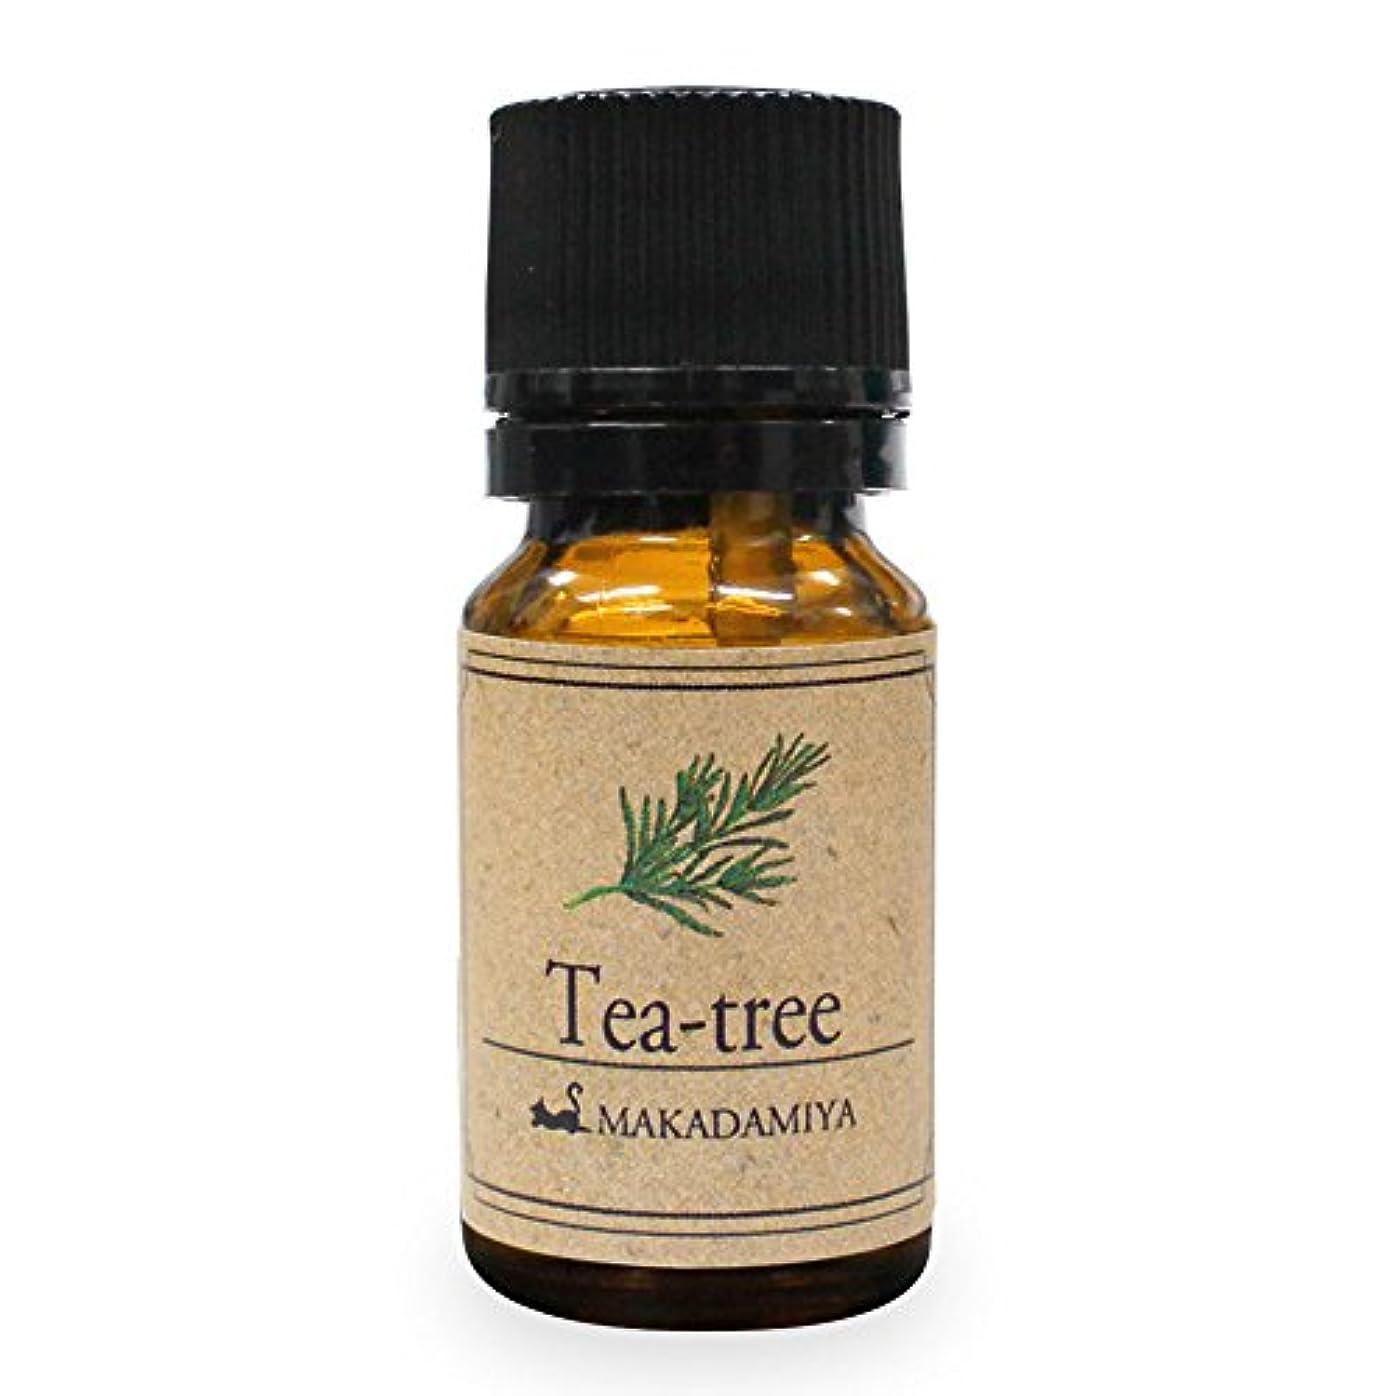 おとうさん普遍的な夕方ティーツリー10ml 天然100%植物性 エッセンシャルオイル(精油) アロマオイル アロママッサージ aroma Tea-tree